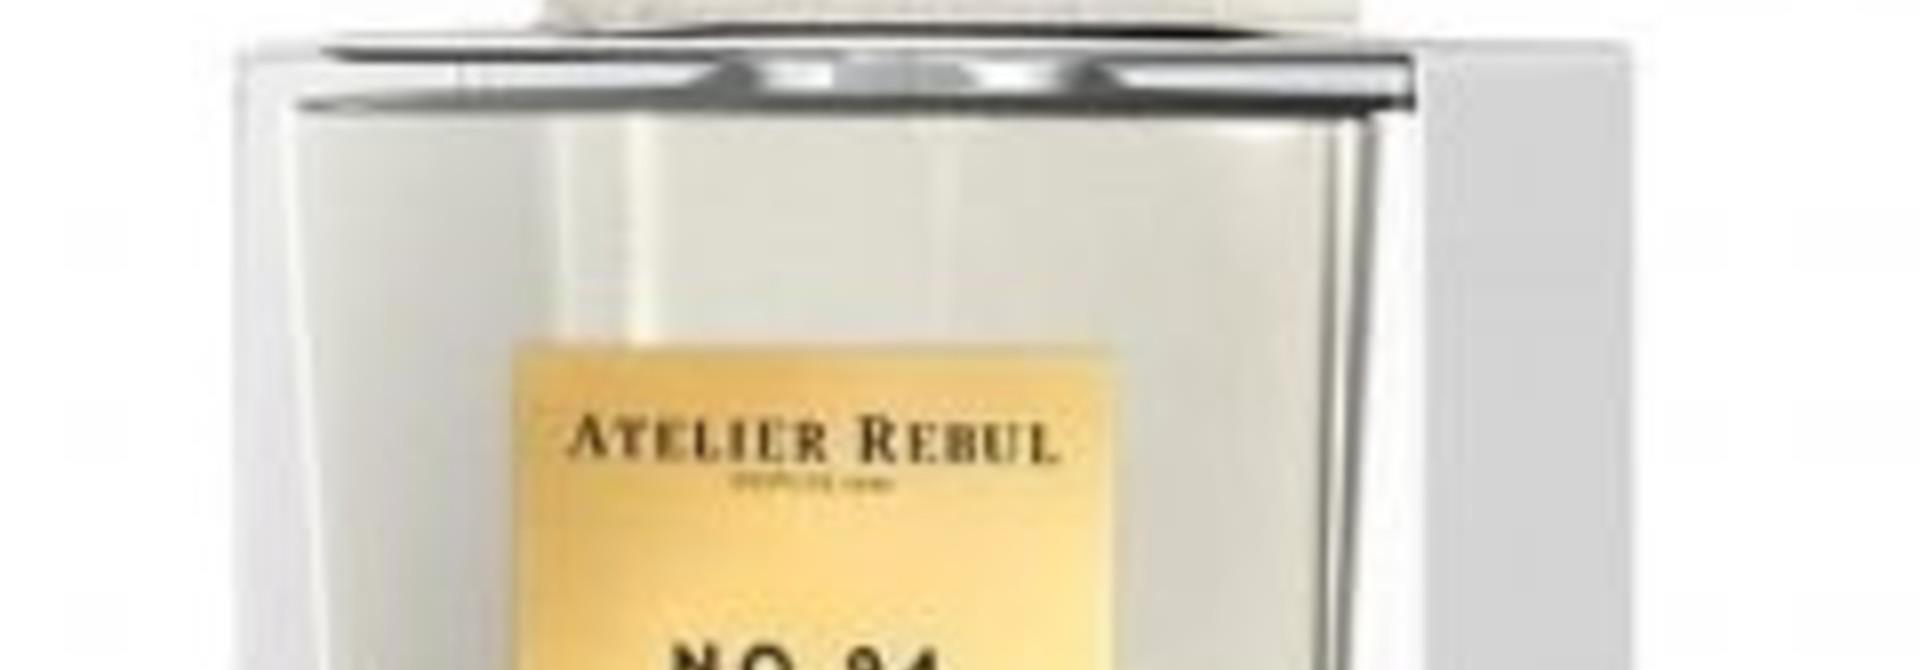 NO. 94 eau de parfum Atelier Rebul 100 ml